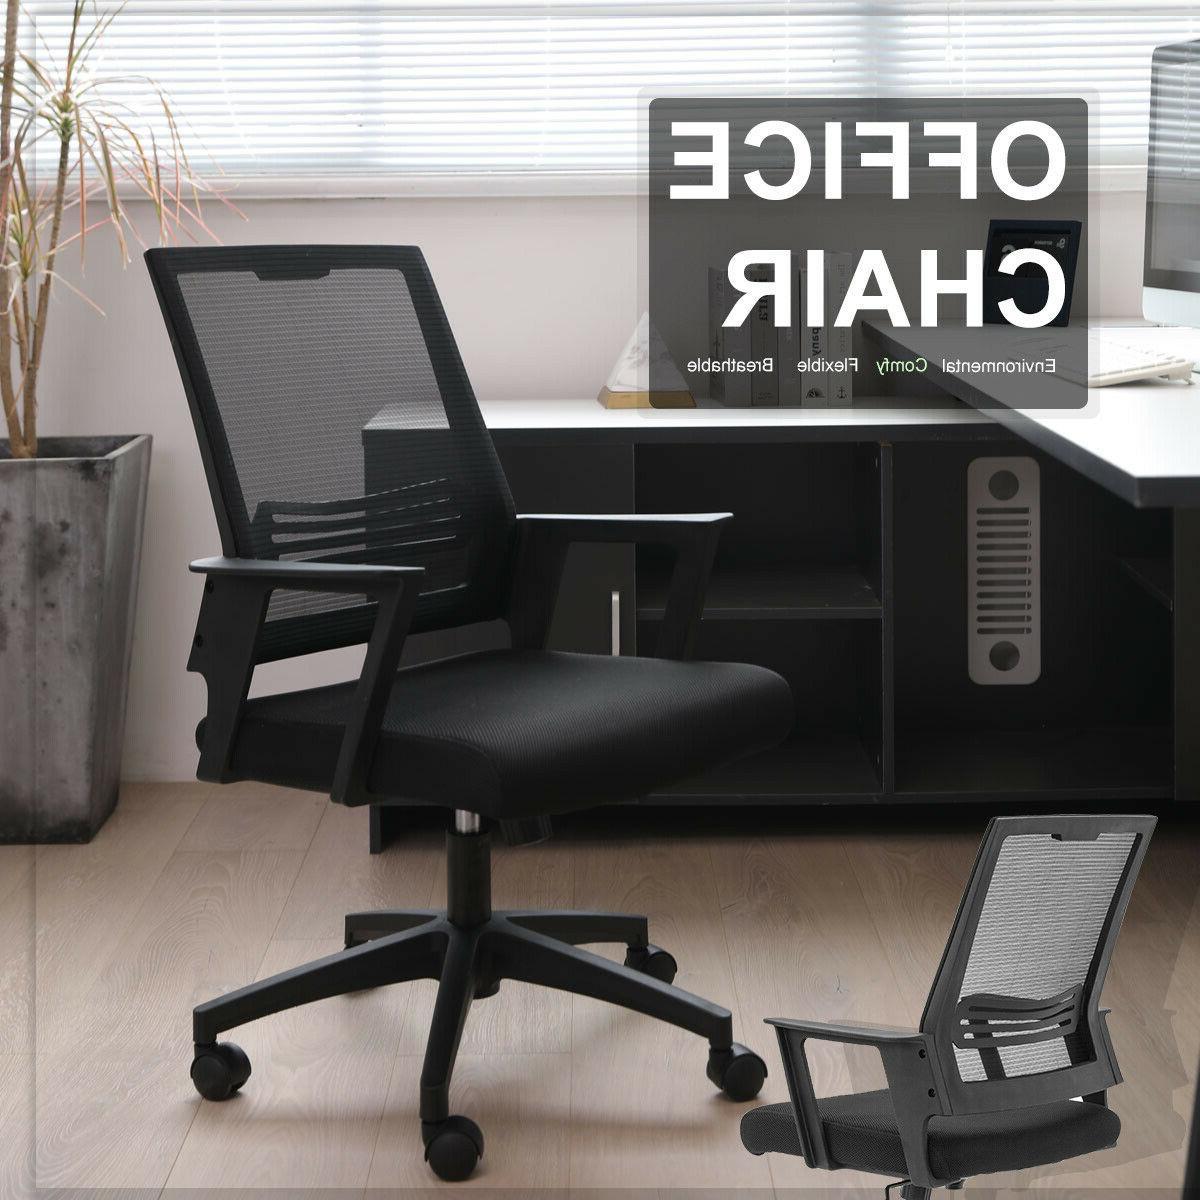 Mesh Chair Mid Ergonomic Desk Task